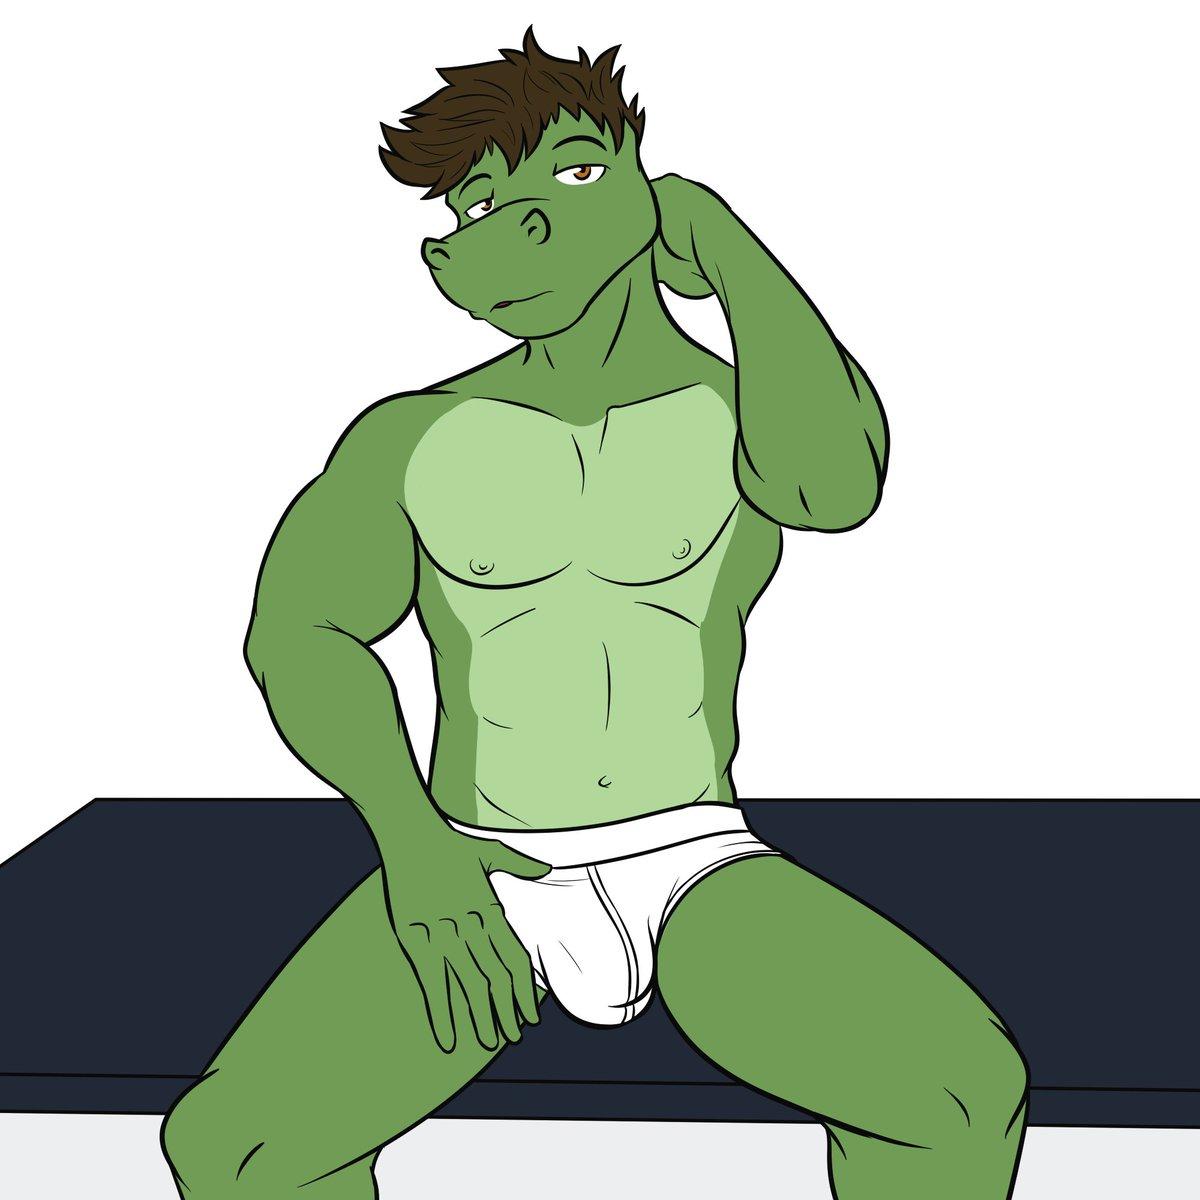 Hot gator pin up